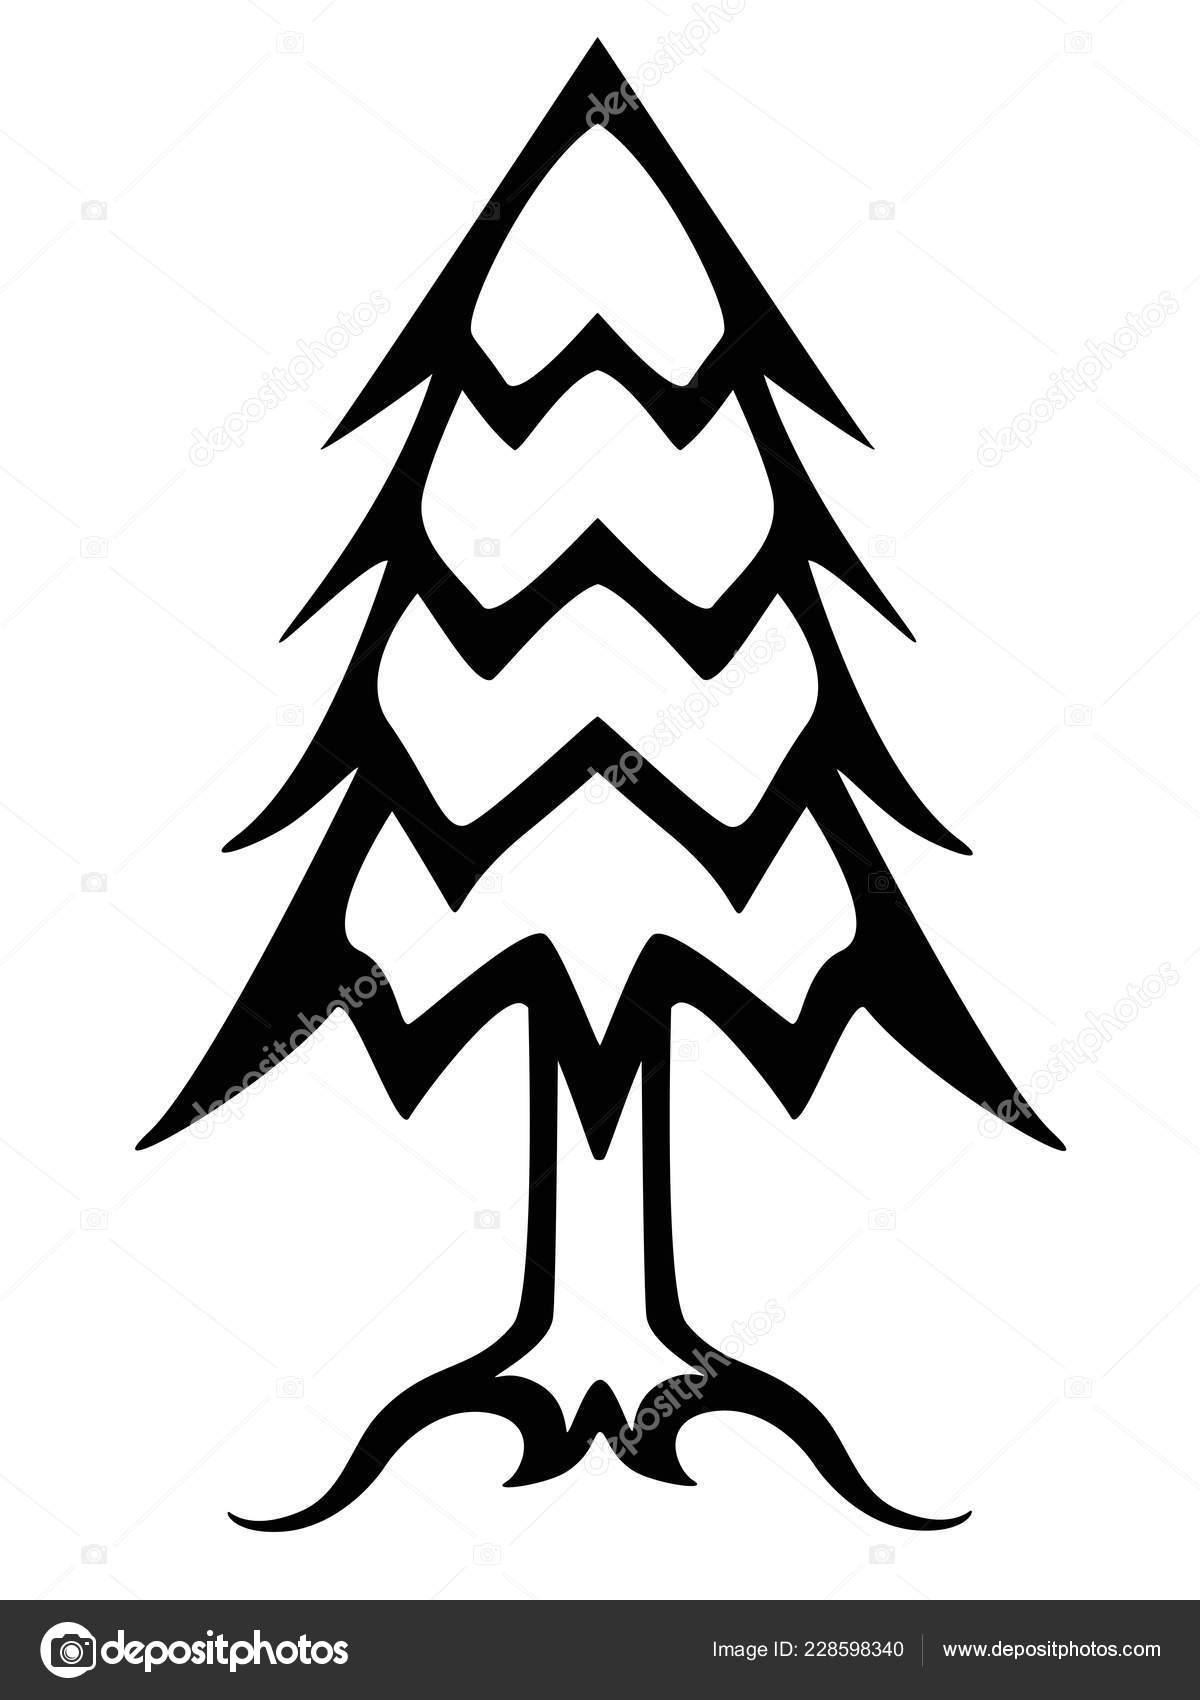 Weihnachtsbaum Schwarz Weiß.Lineare Weihnachtsbaum Schwarz Weiß Bild Nadelbaum Baum Vektor